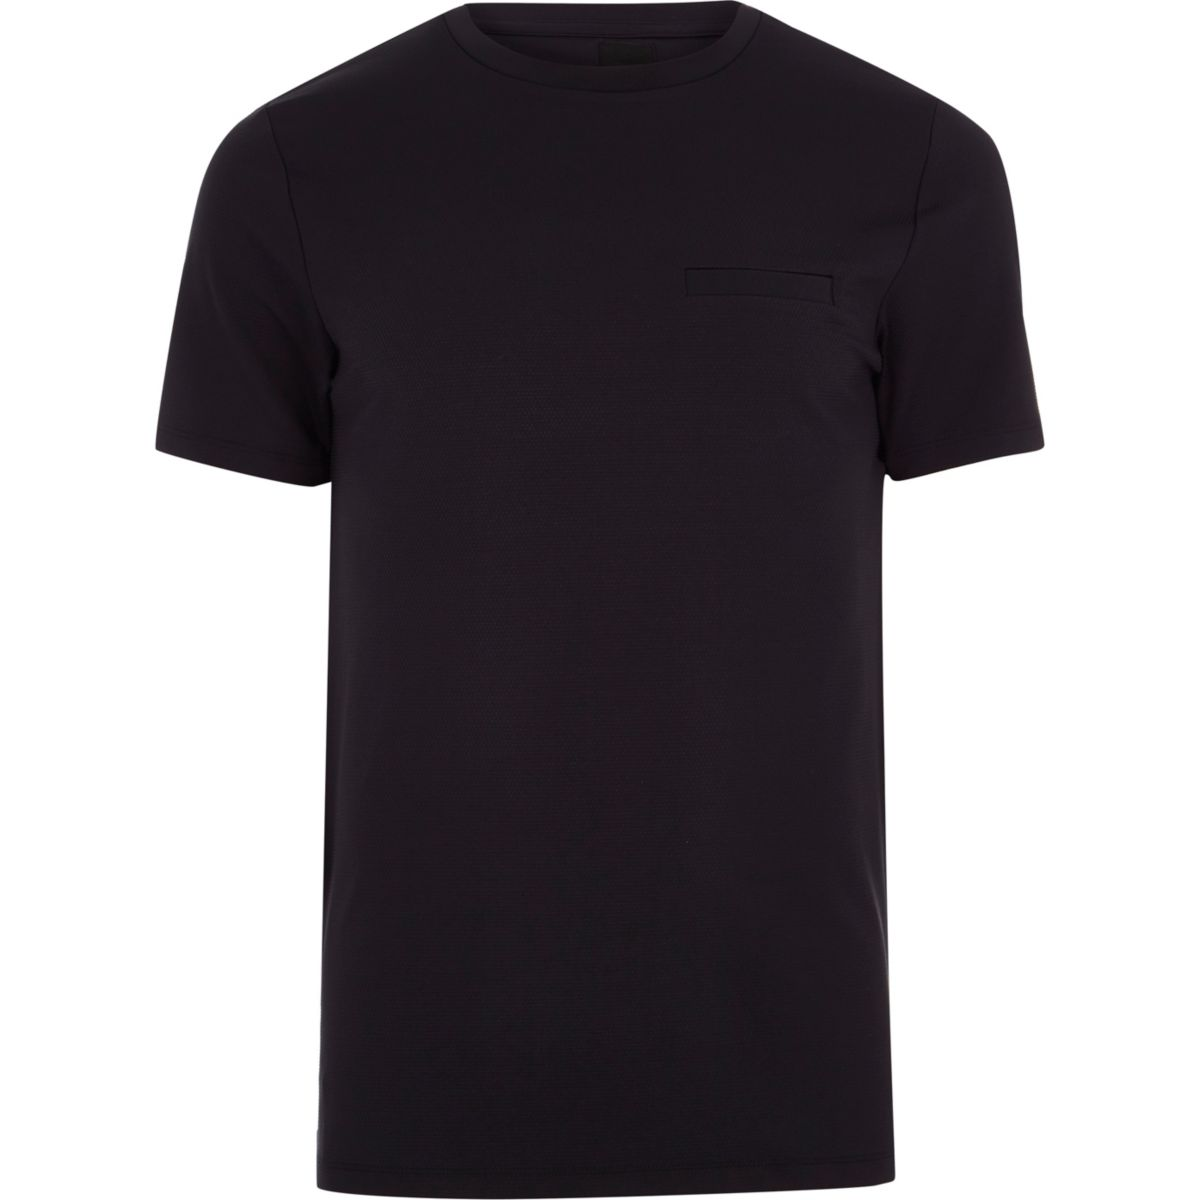 Navy slim fit chest pocket T-shirt